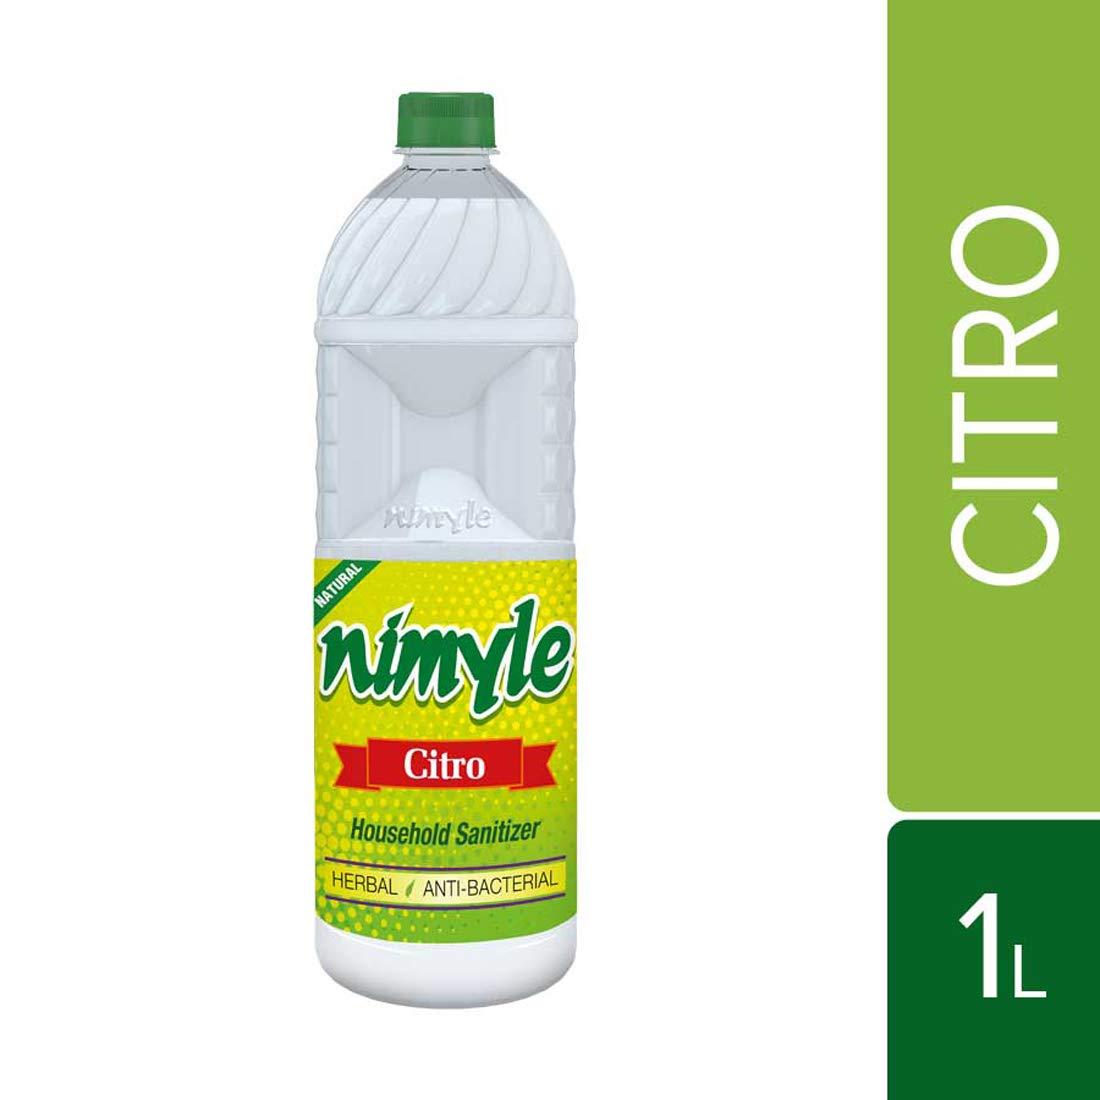 NIMYLE CITRO